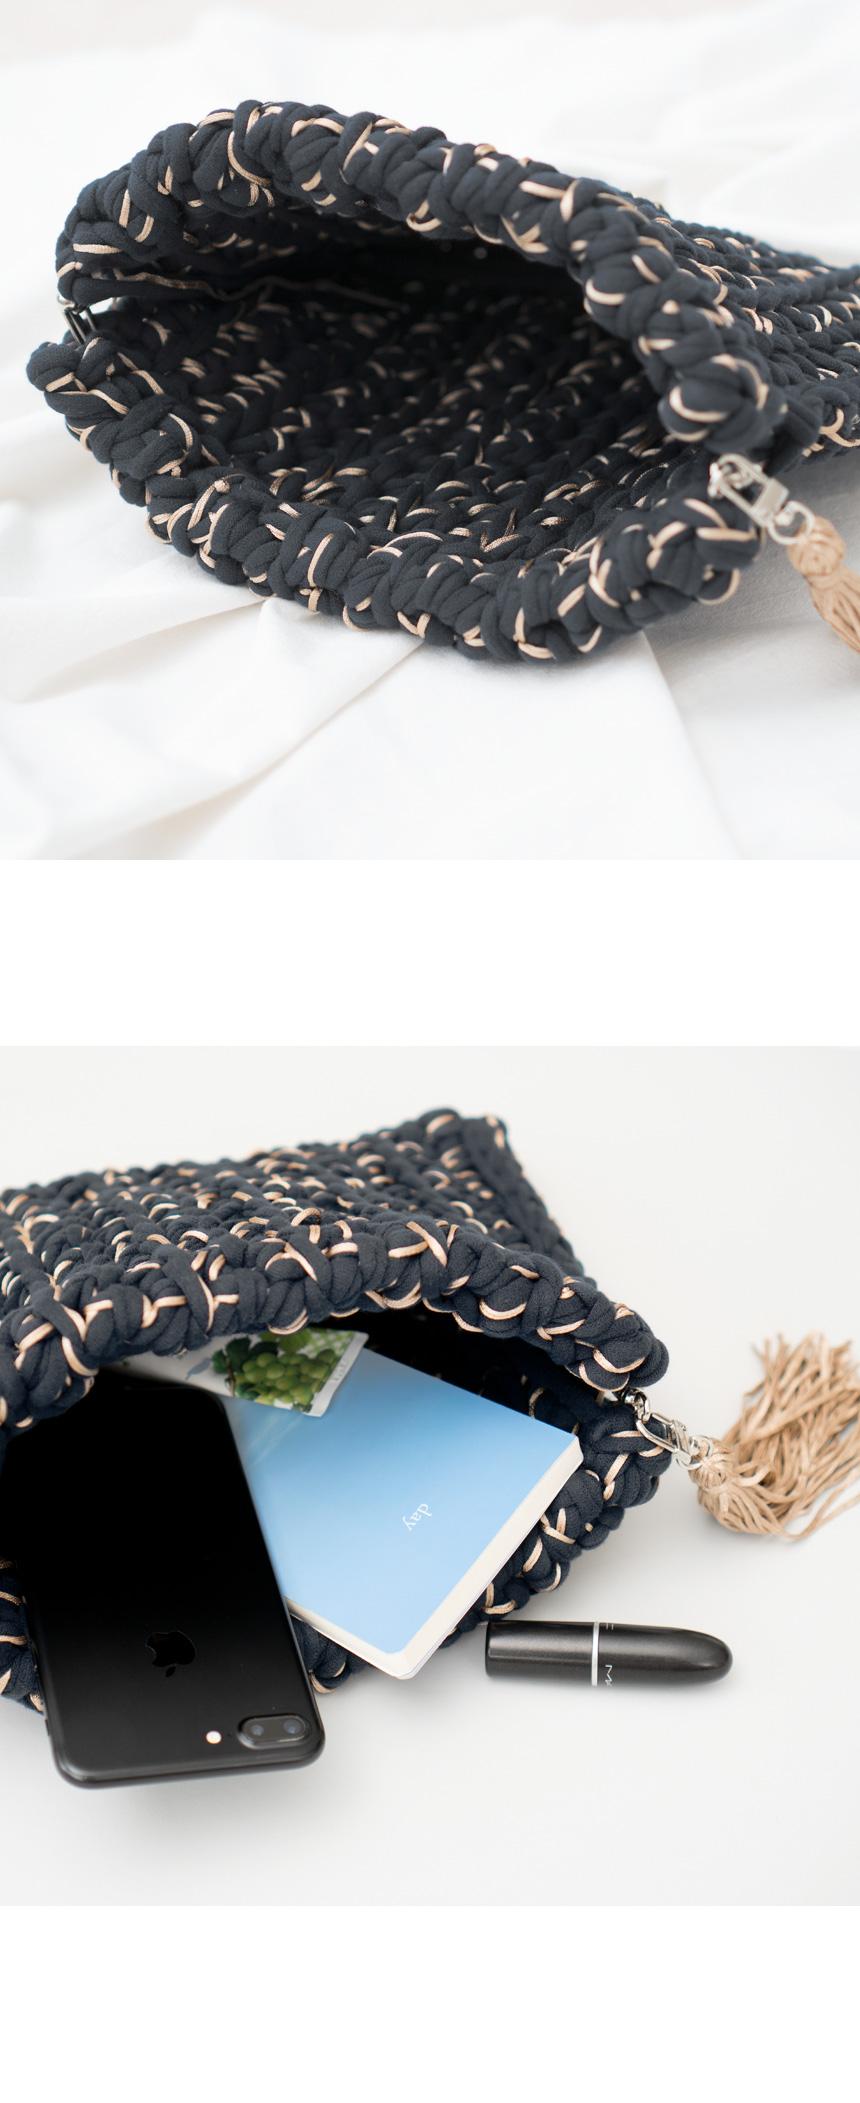 가방 육각 바네 - 28cm - 슬로우모먼츠, 9,000원, 뜨개질, 뜨개질 부자재